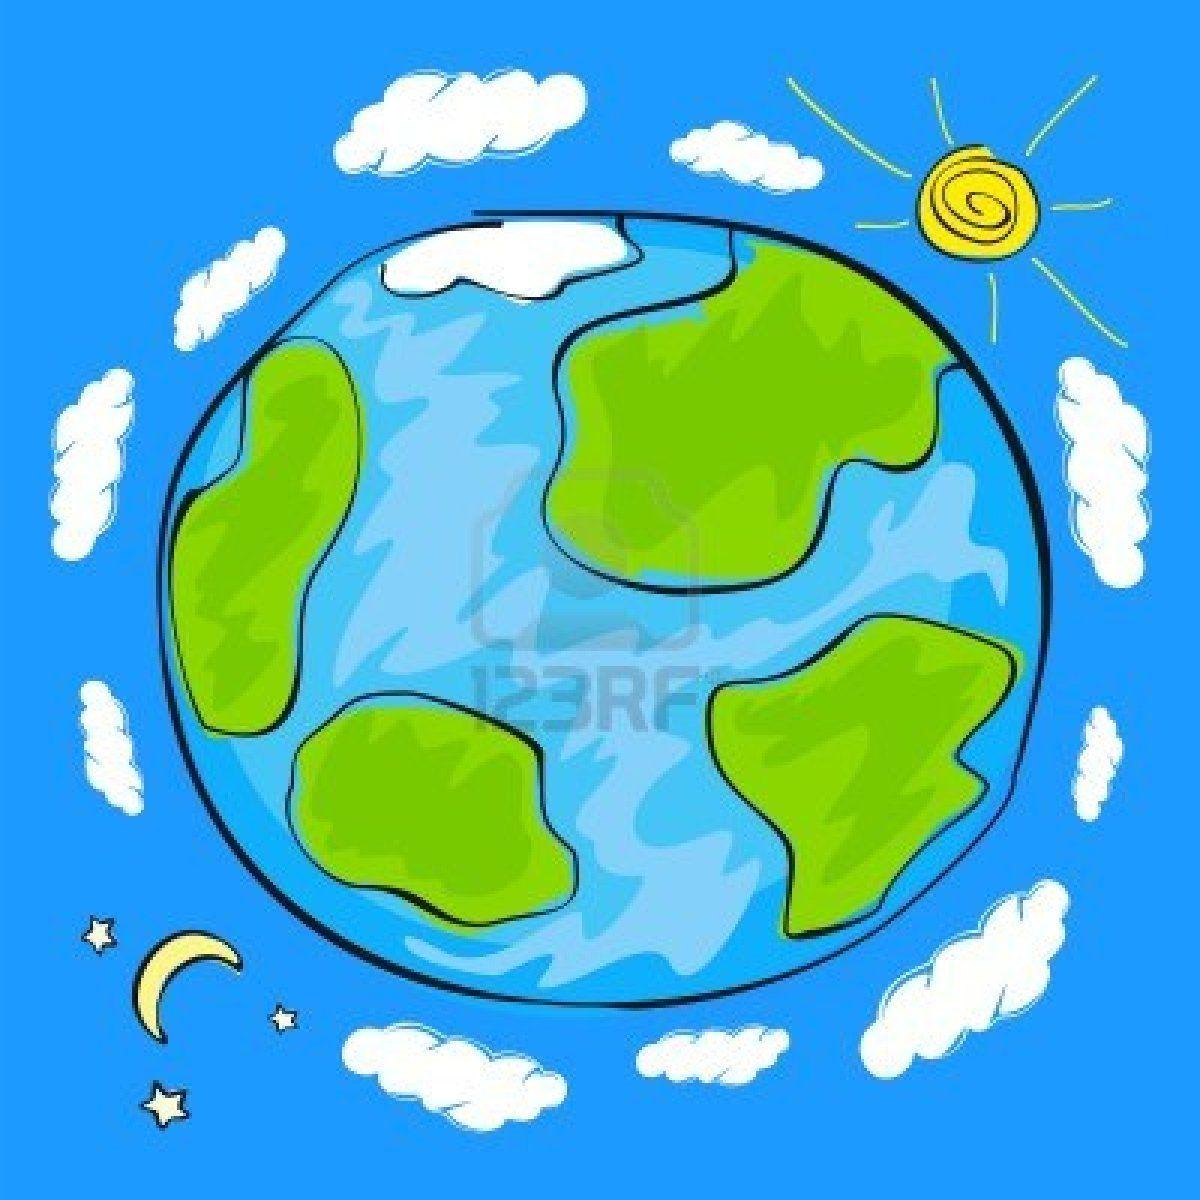 d8fb542f1777585d704ba1a2e5652dce » Earth Drawing Easy